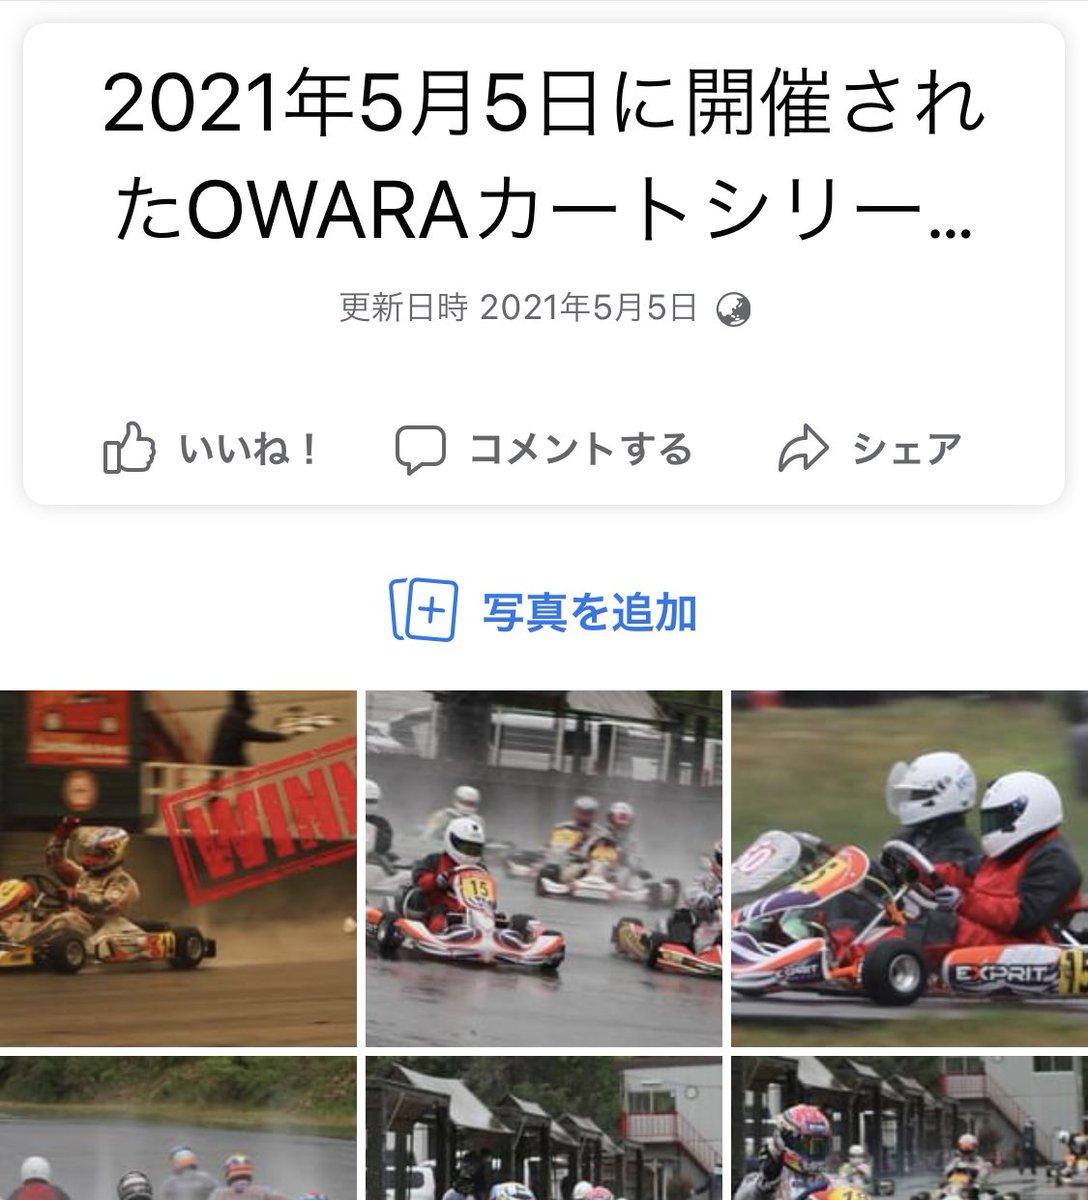 本日開催されたOWARAカートシリーズのスナップ写真をFacebookアルバムに公開しました。ぜひご覧ください。...